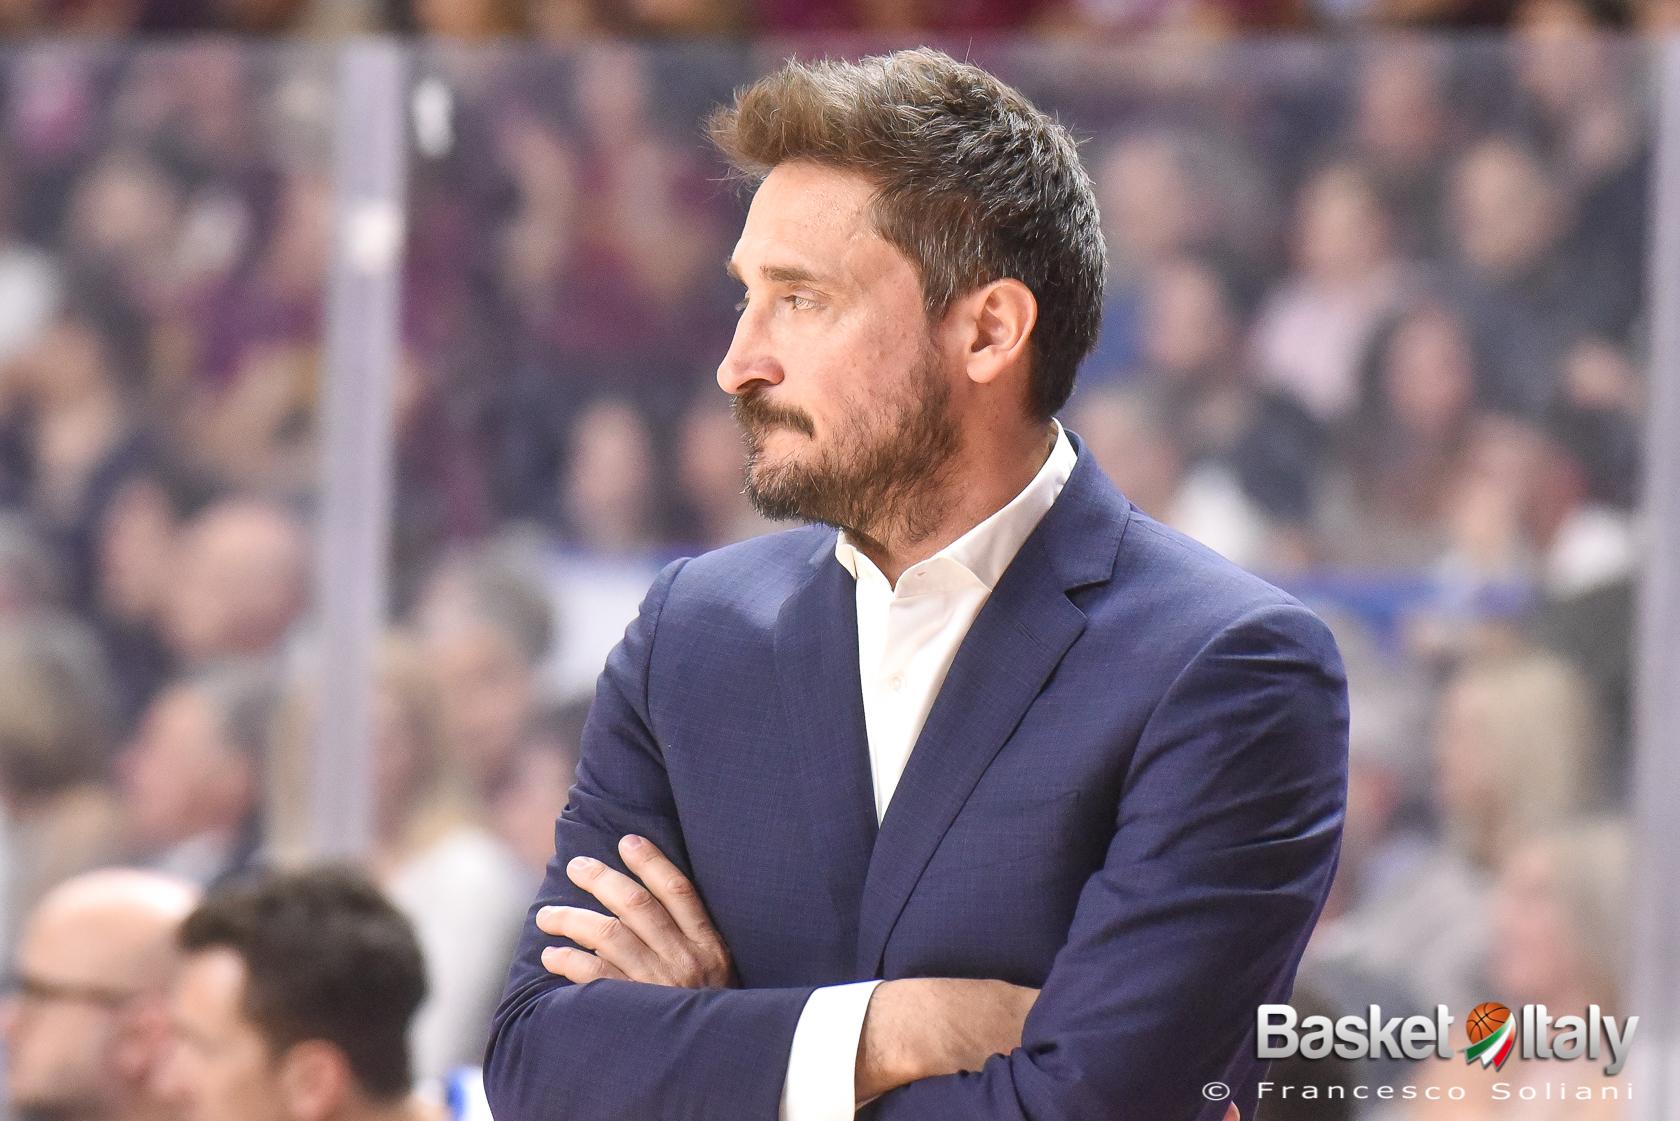 """Gianmarco Pozzecco: """"Oggi non posso essere ottimista, la situazione della pallacanestro è drammatica"""""""